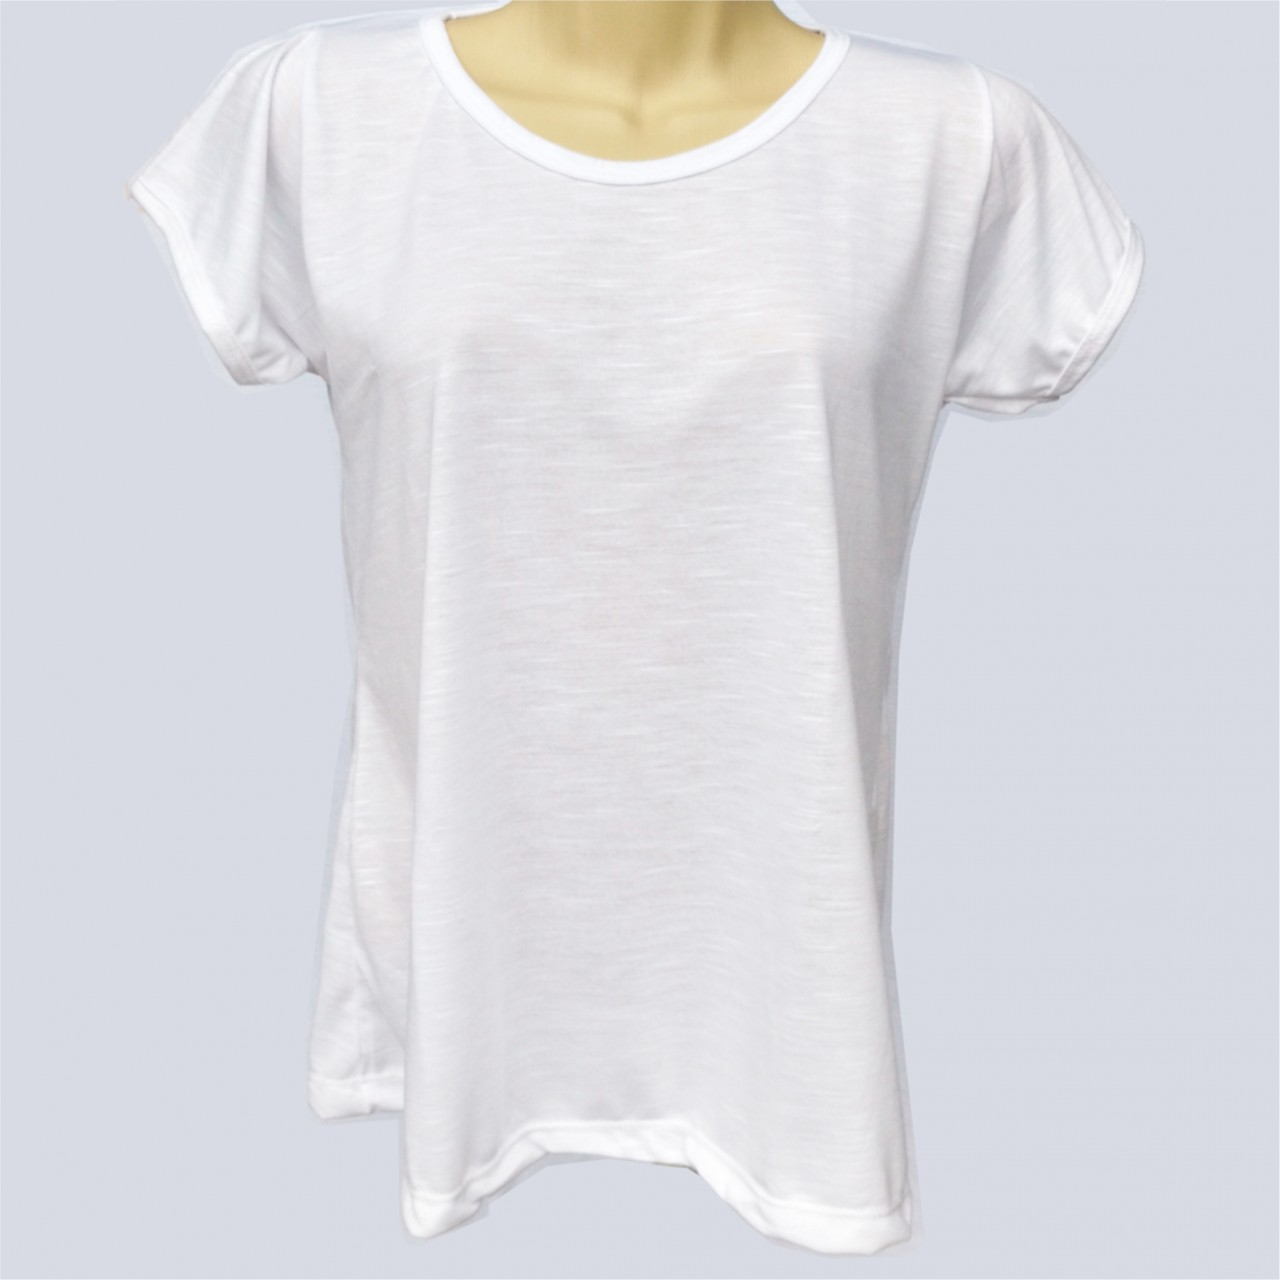 1d56851ee3 1 Camiseta tipo Batinha Branca Poliéster Sublimação - Sublimaticos